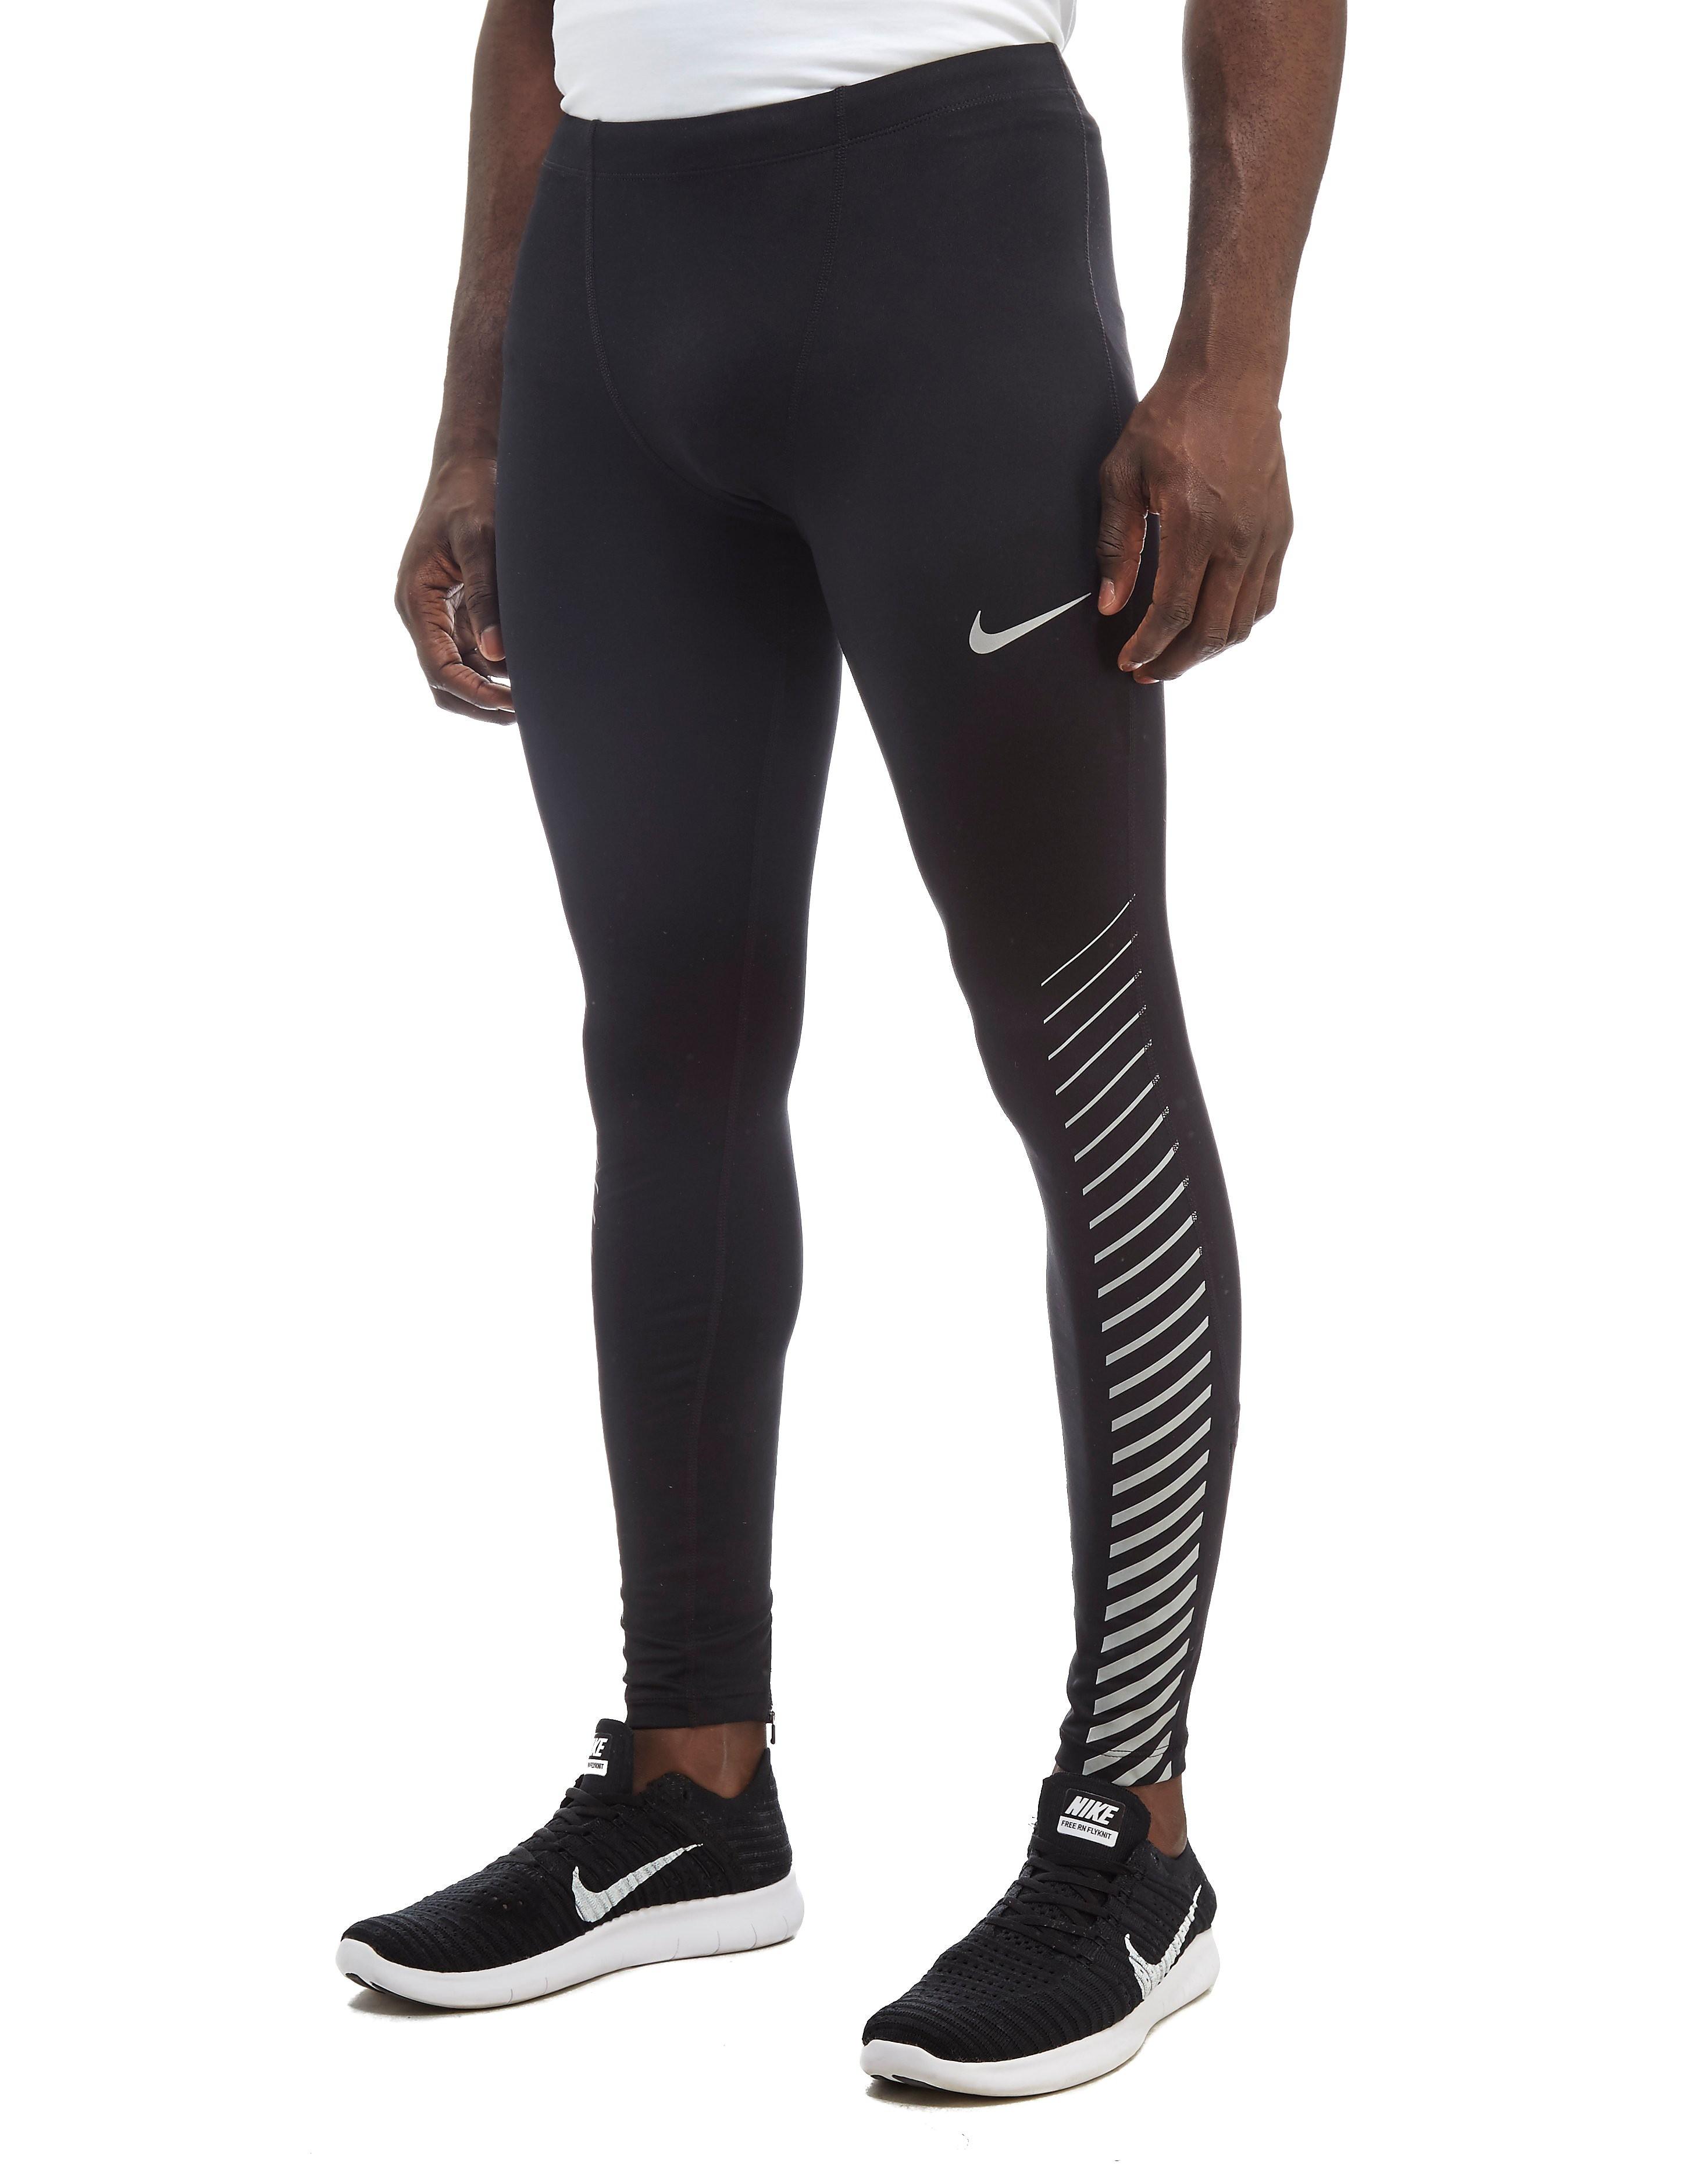 Nike Flash GPX Tights